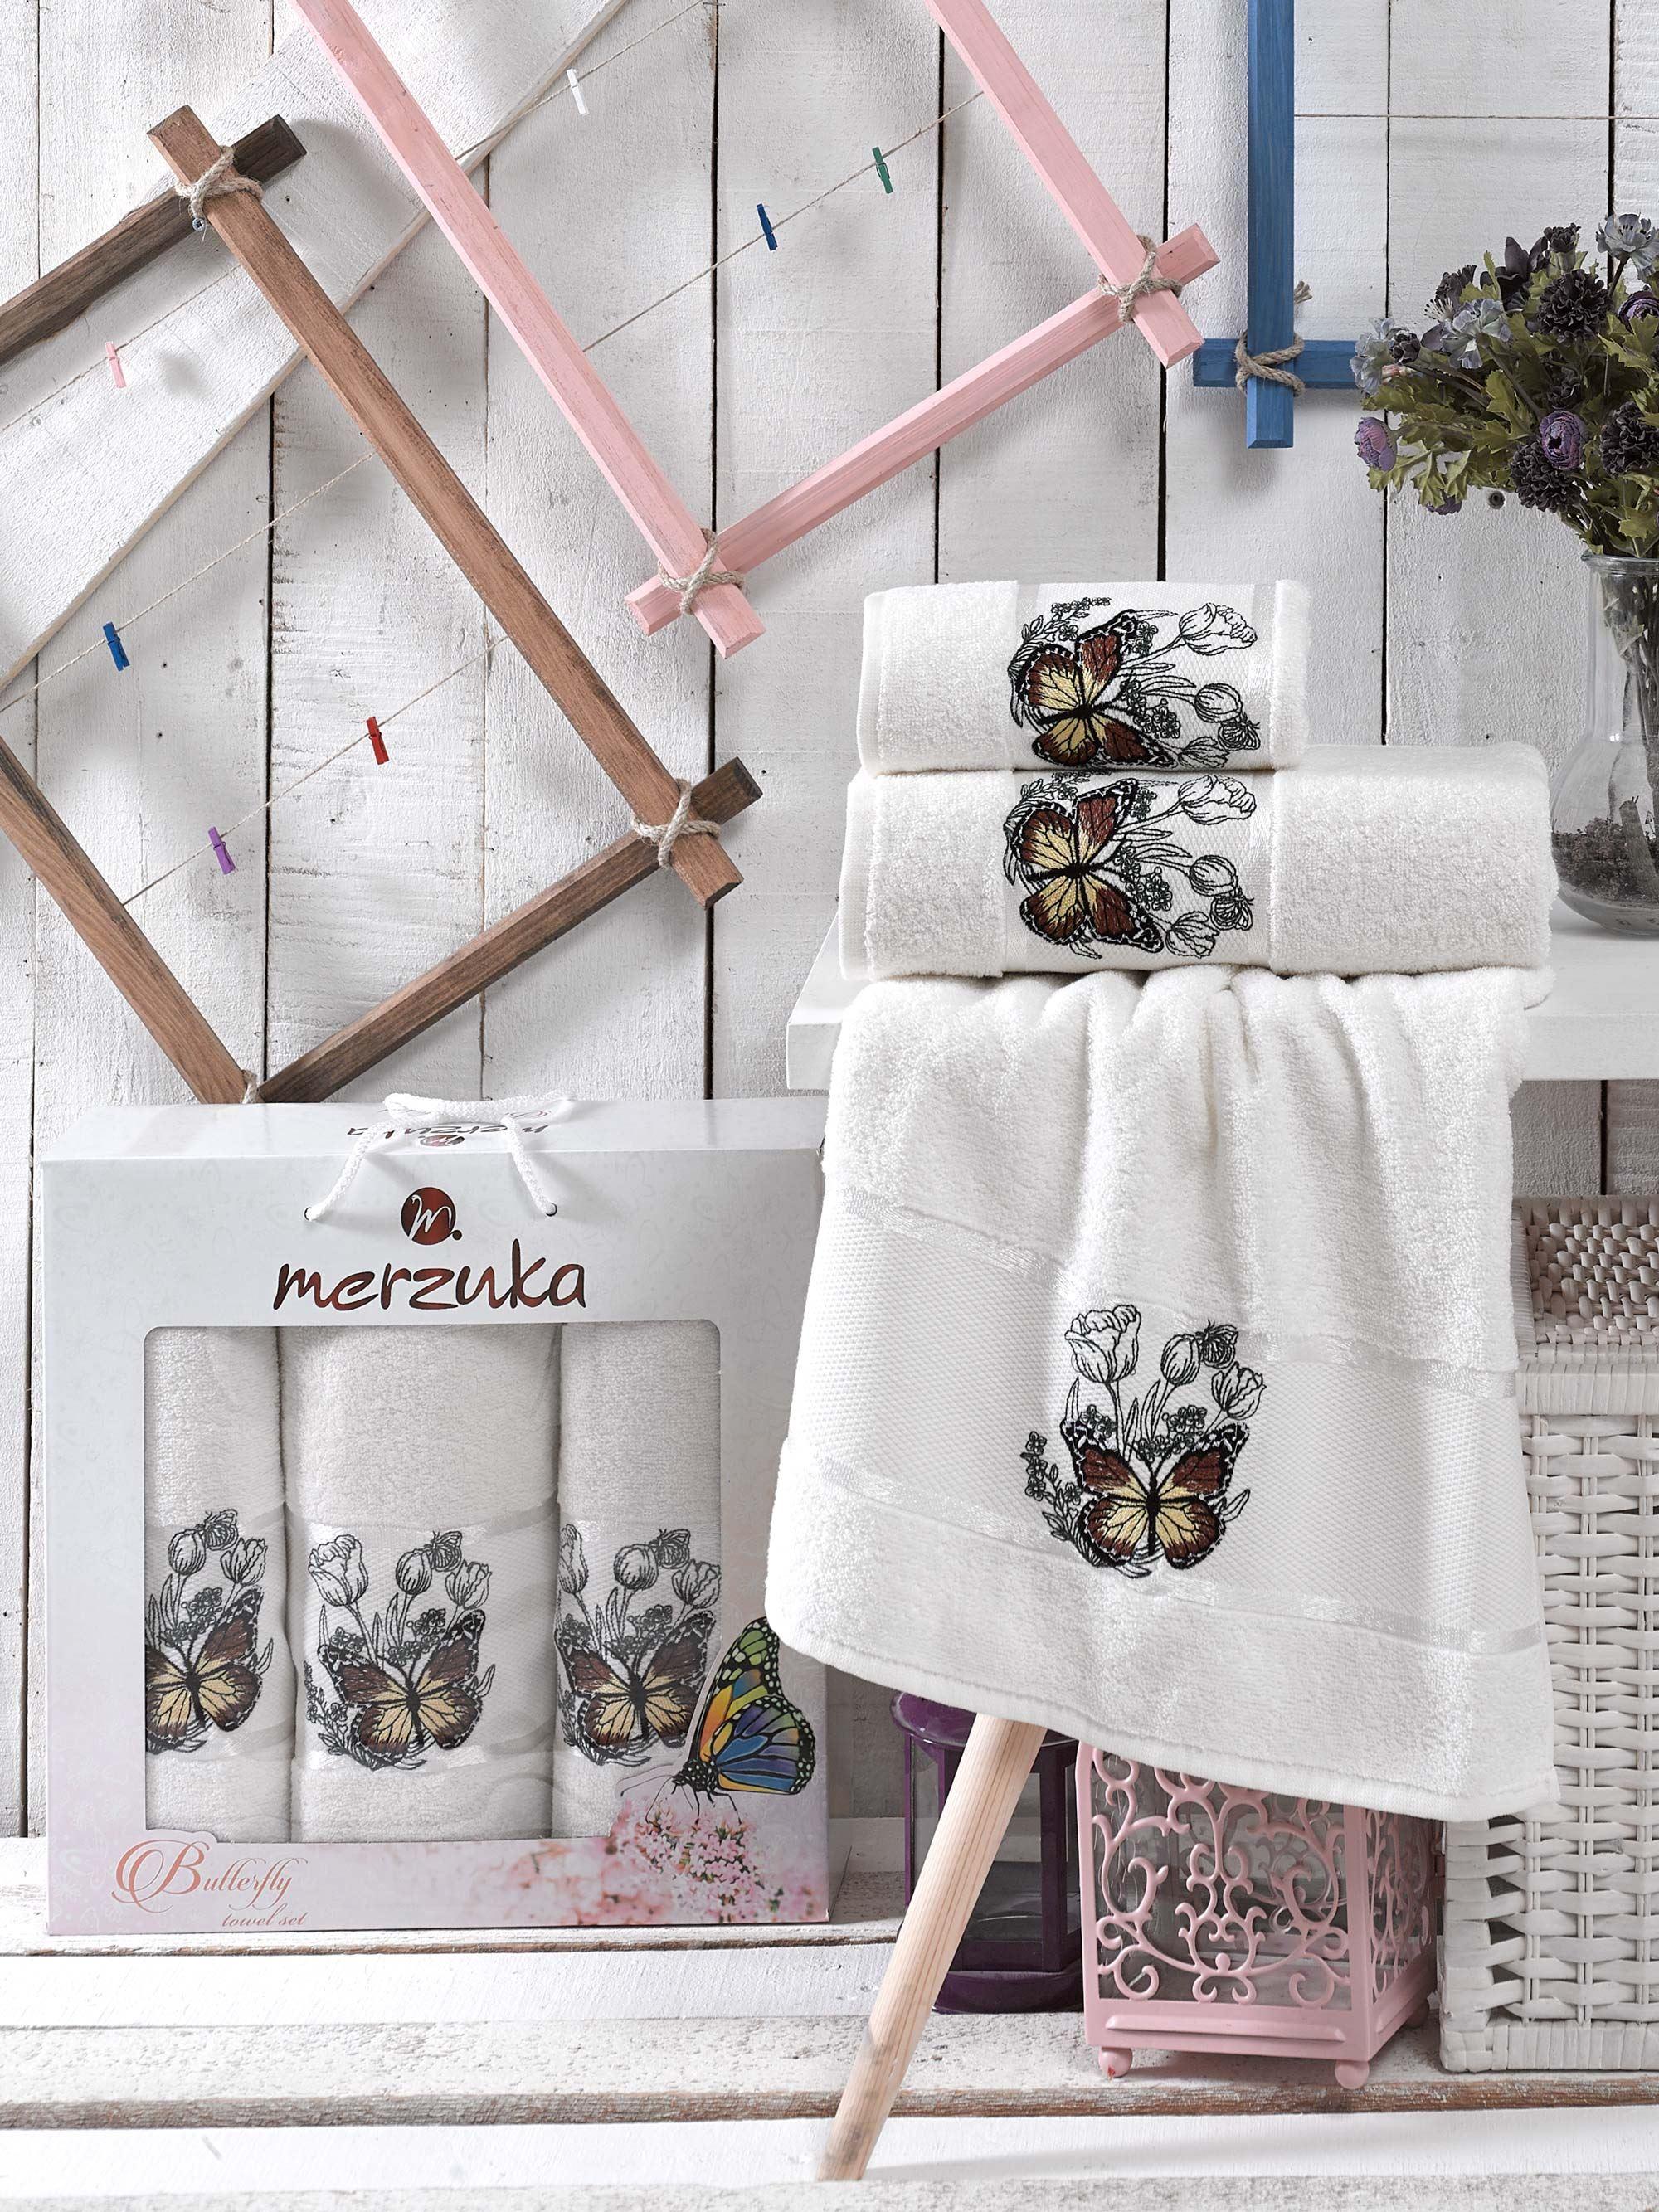 Полотенца Oran Merzuka Полотенце Butterfly Цвет: Кремовый (50х80 см - 2 шт,70х130 см) oran merzuka oran merzuka полотенце dudak цвет кремовый набор